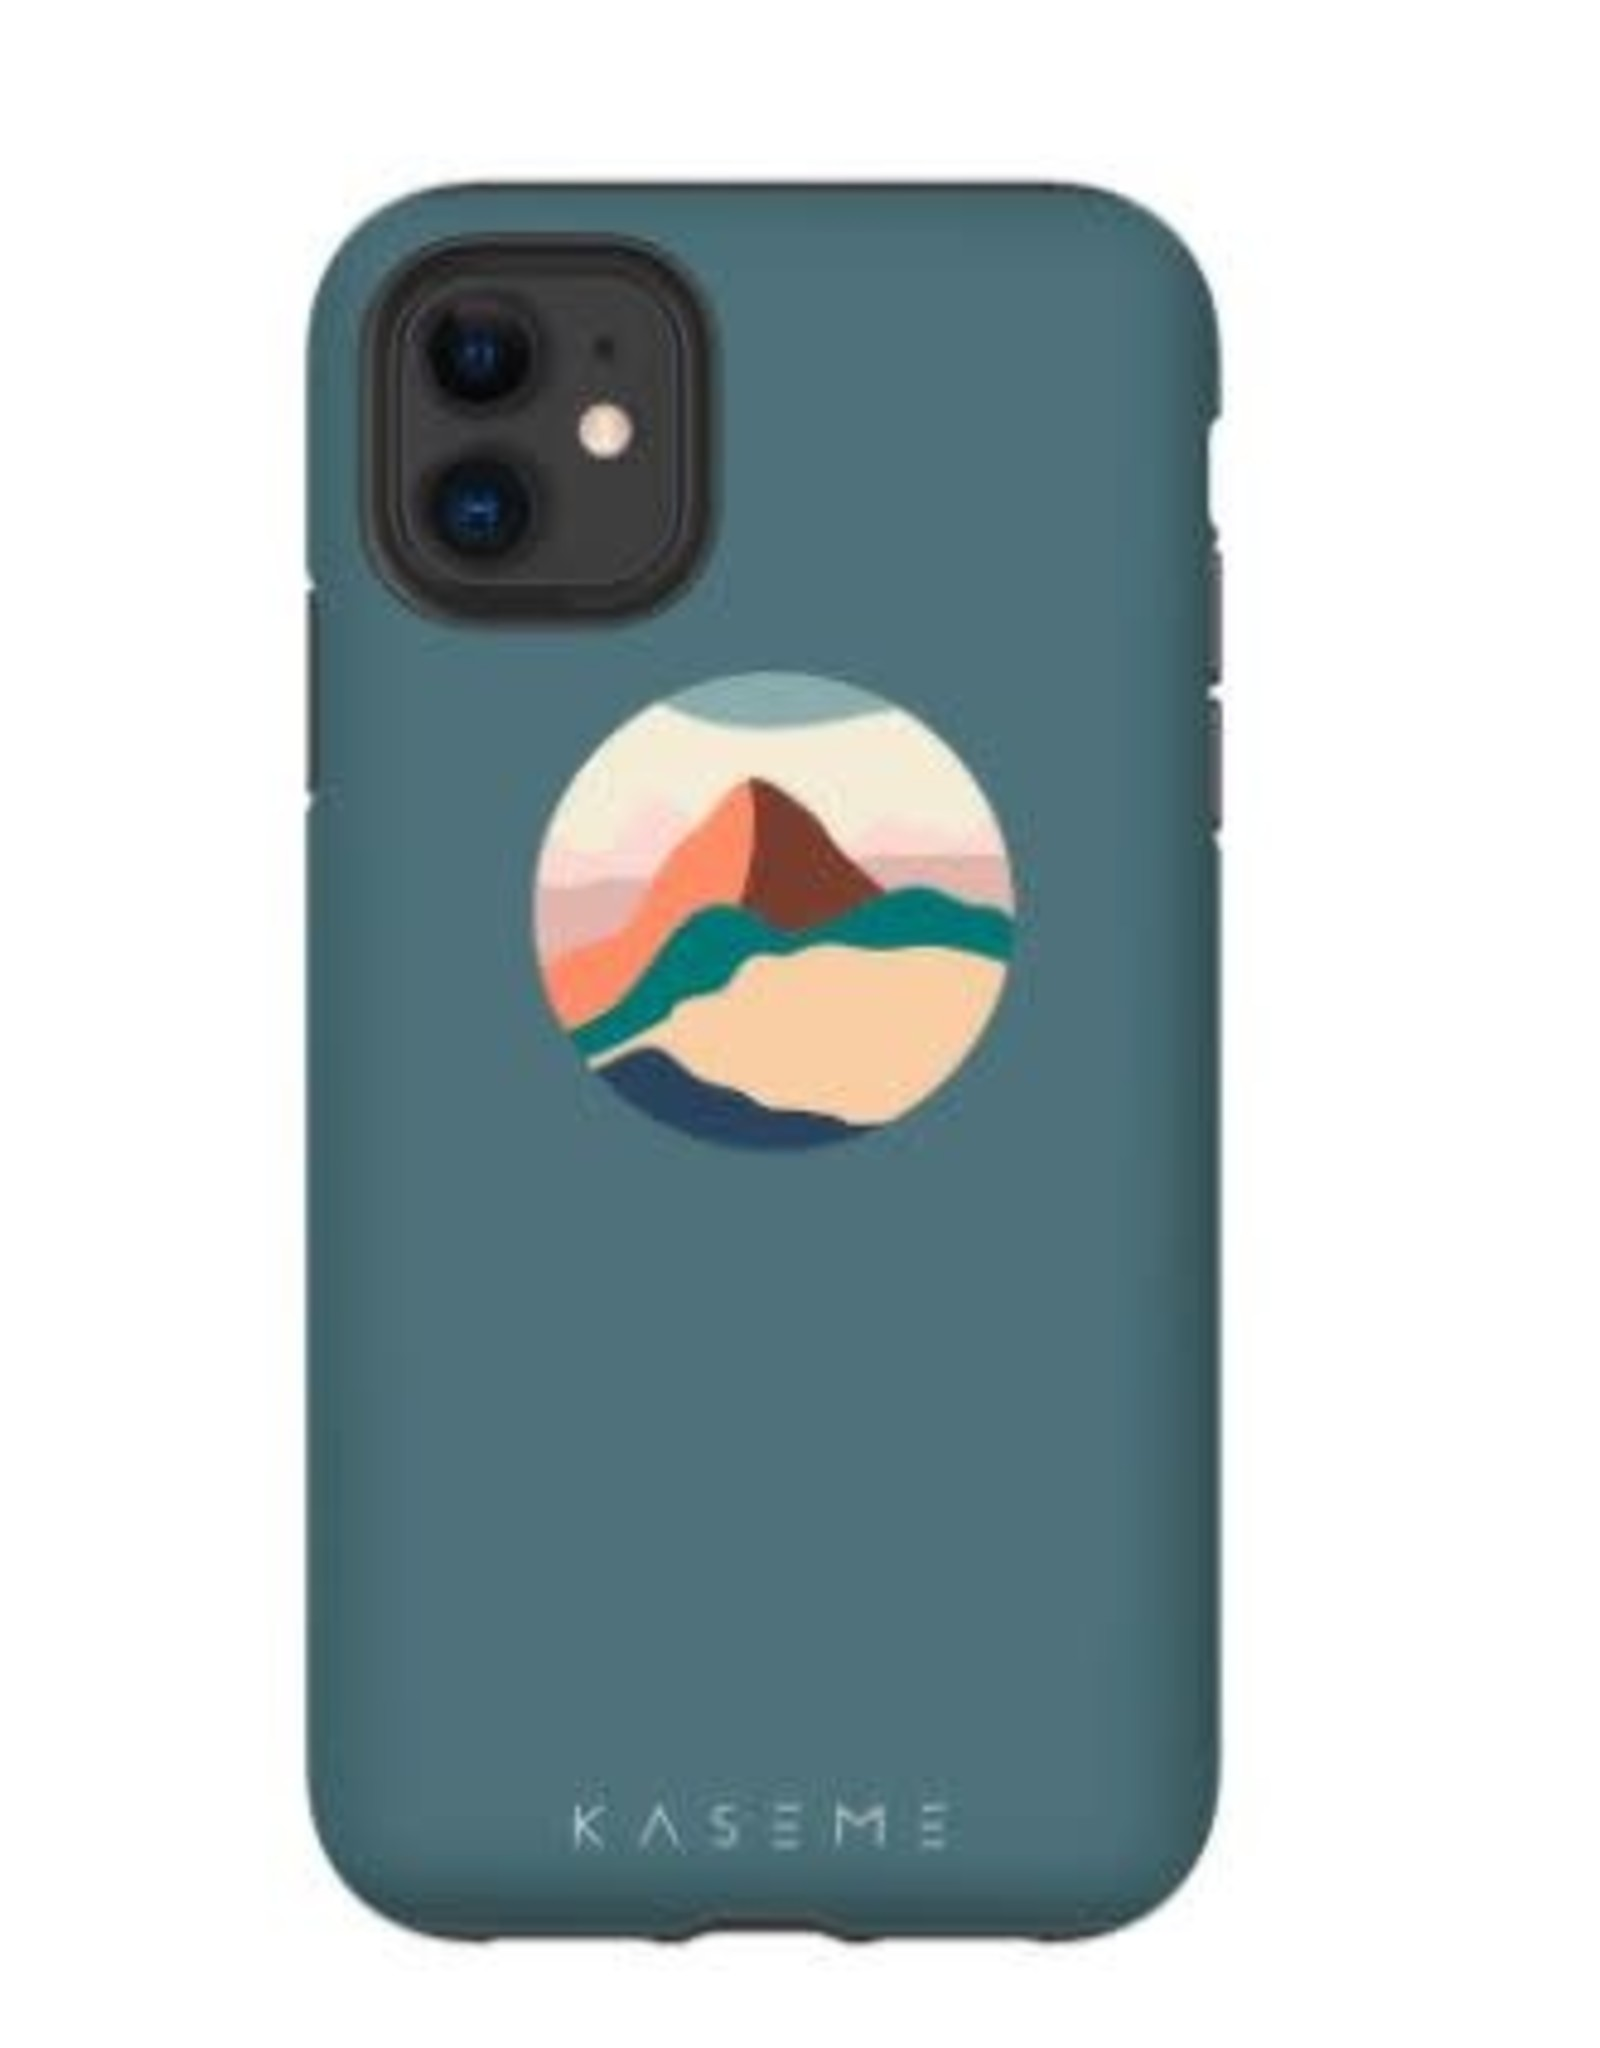 Kaseme Kaseme - Étui cellulaire IPhone climb